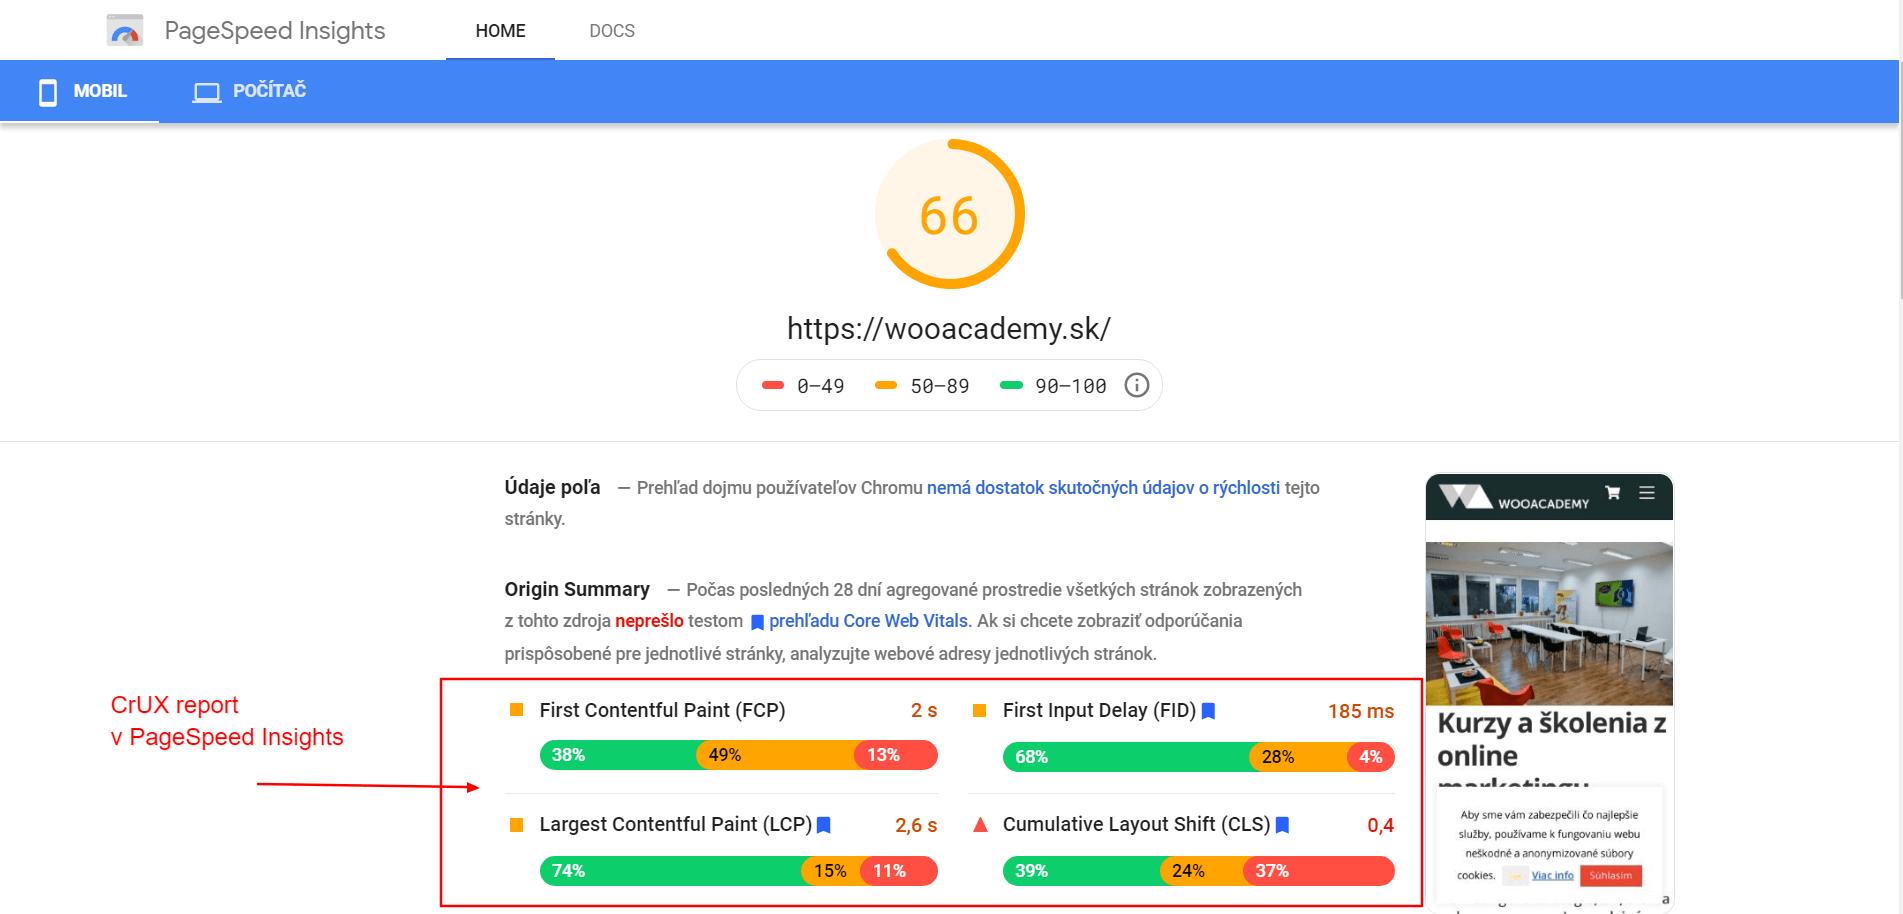 CrUX report rýchlosti webu